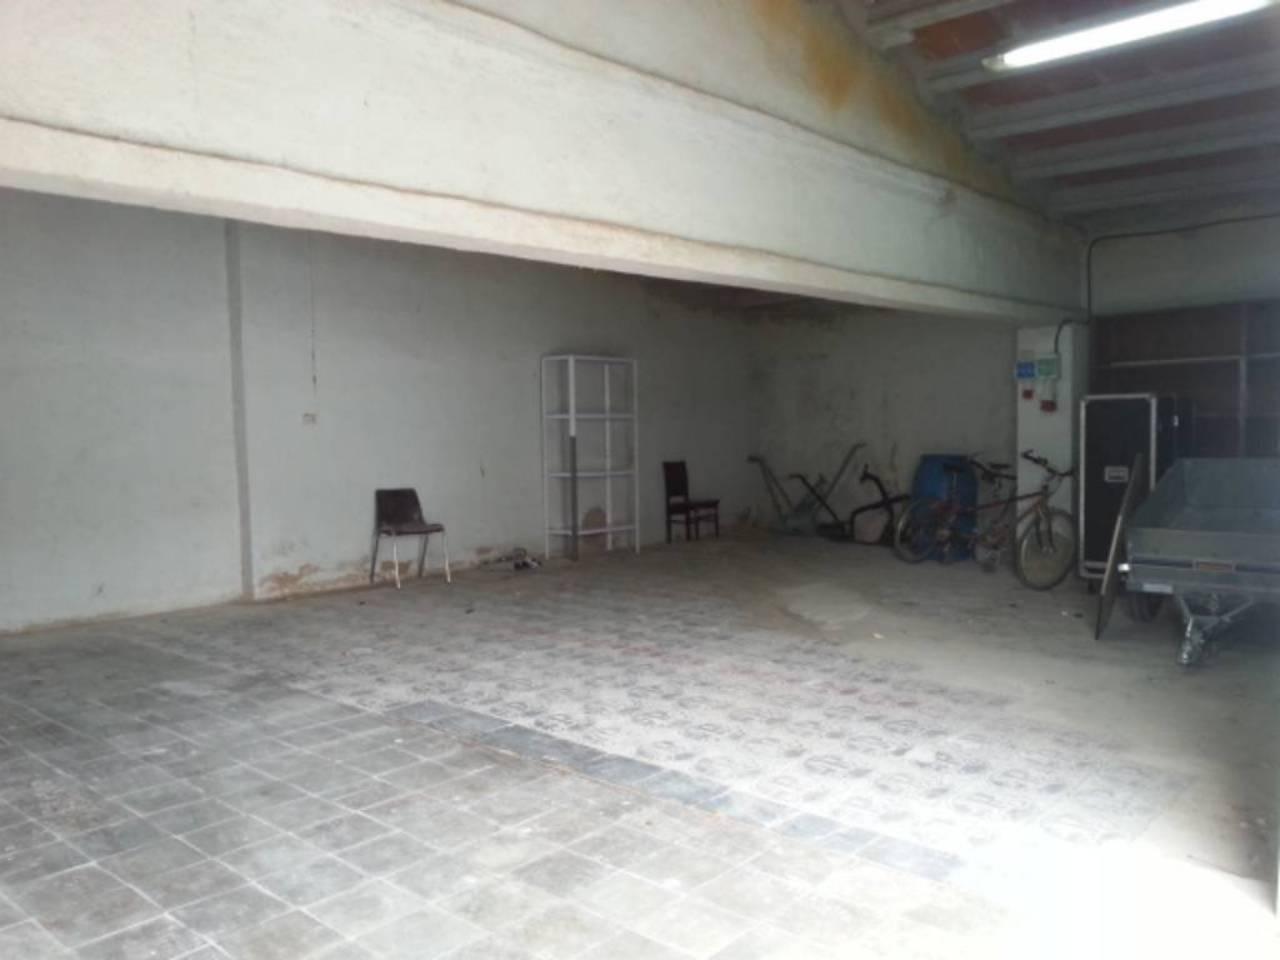 Lloguer Local Comercial  Sant marti de torroella. Superf. 105 m².